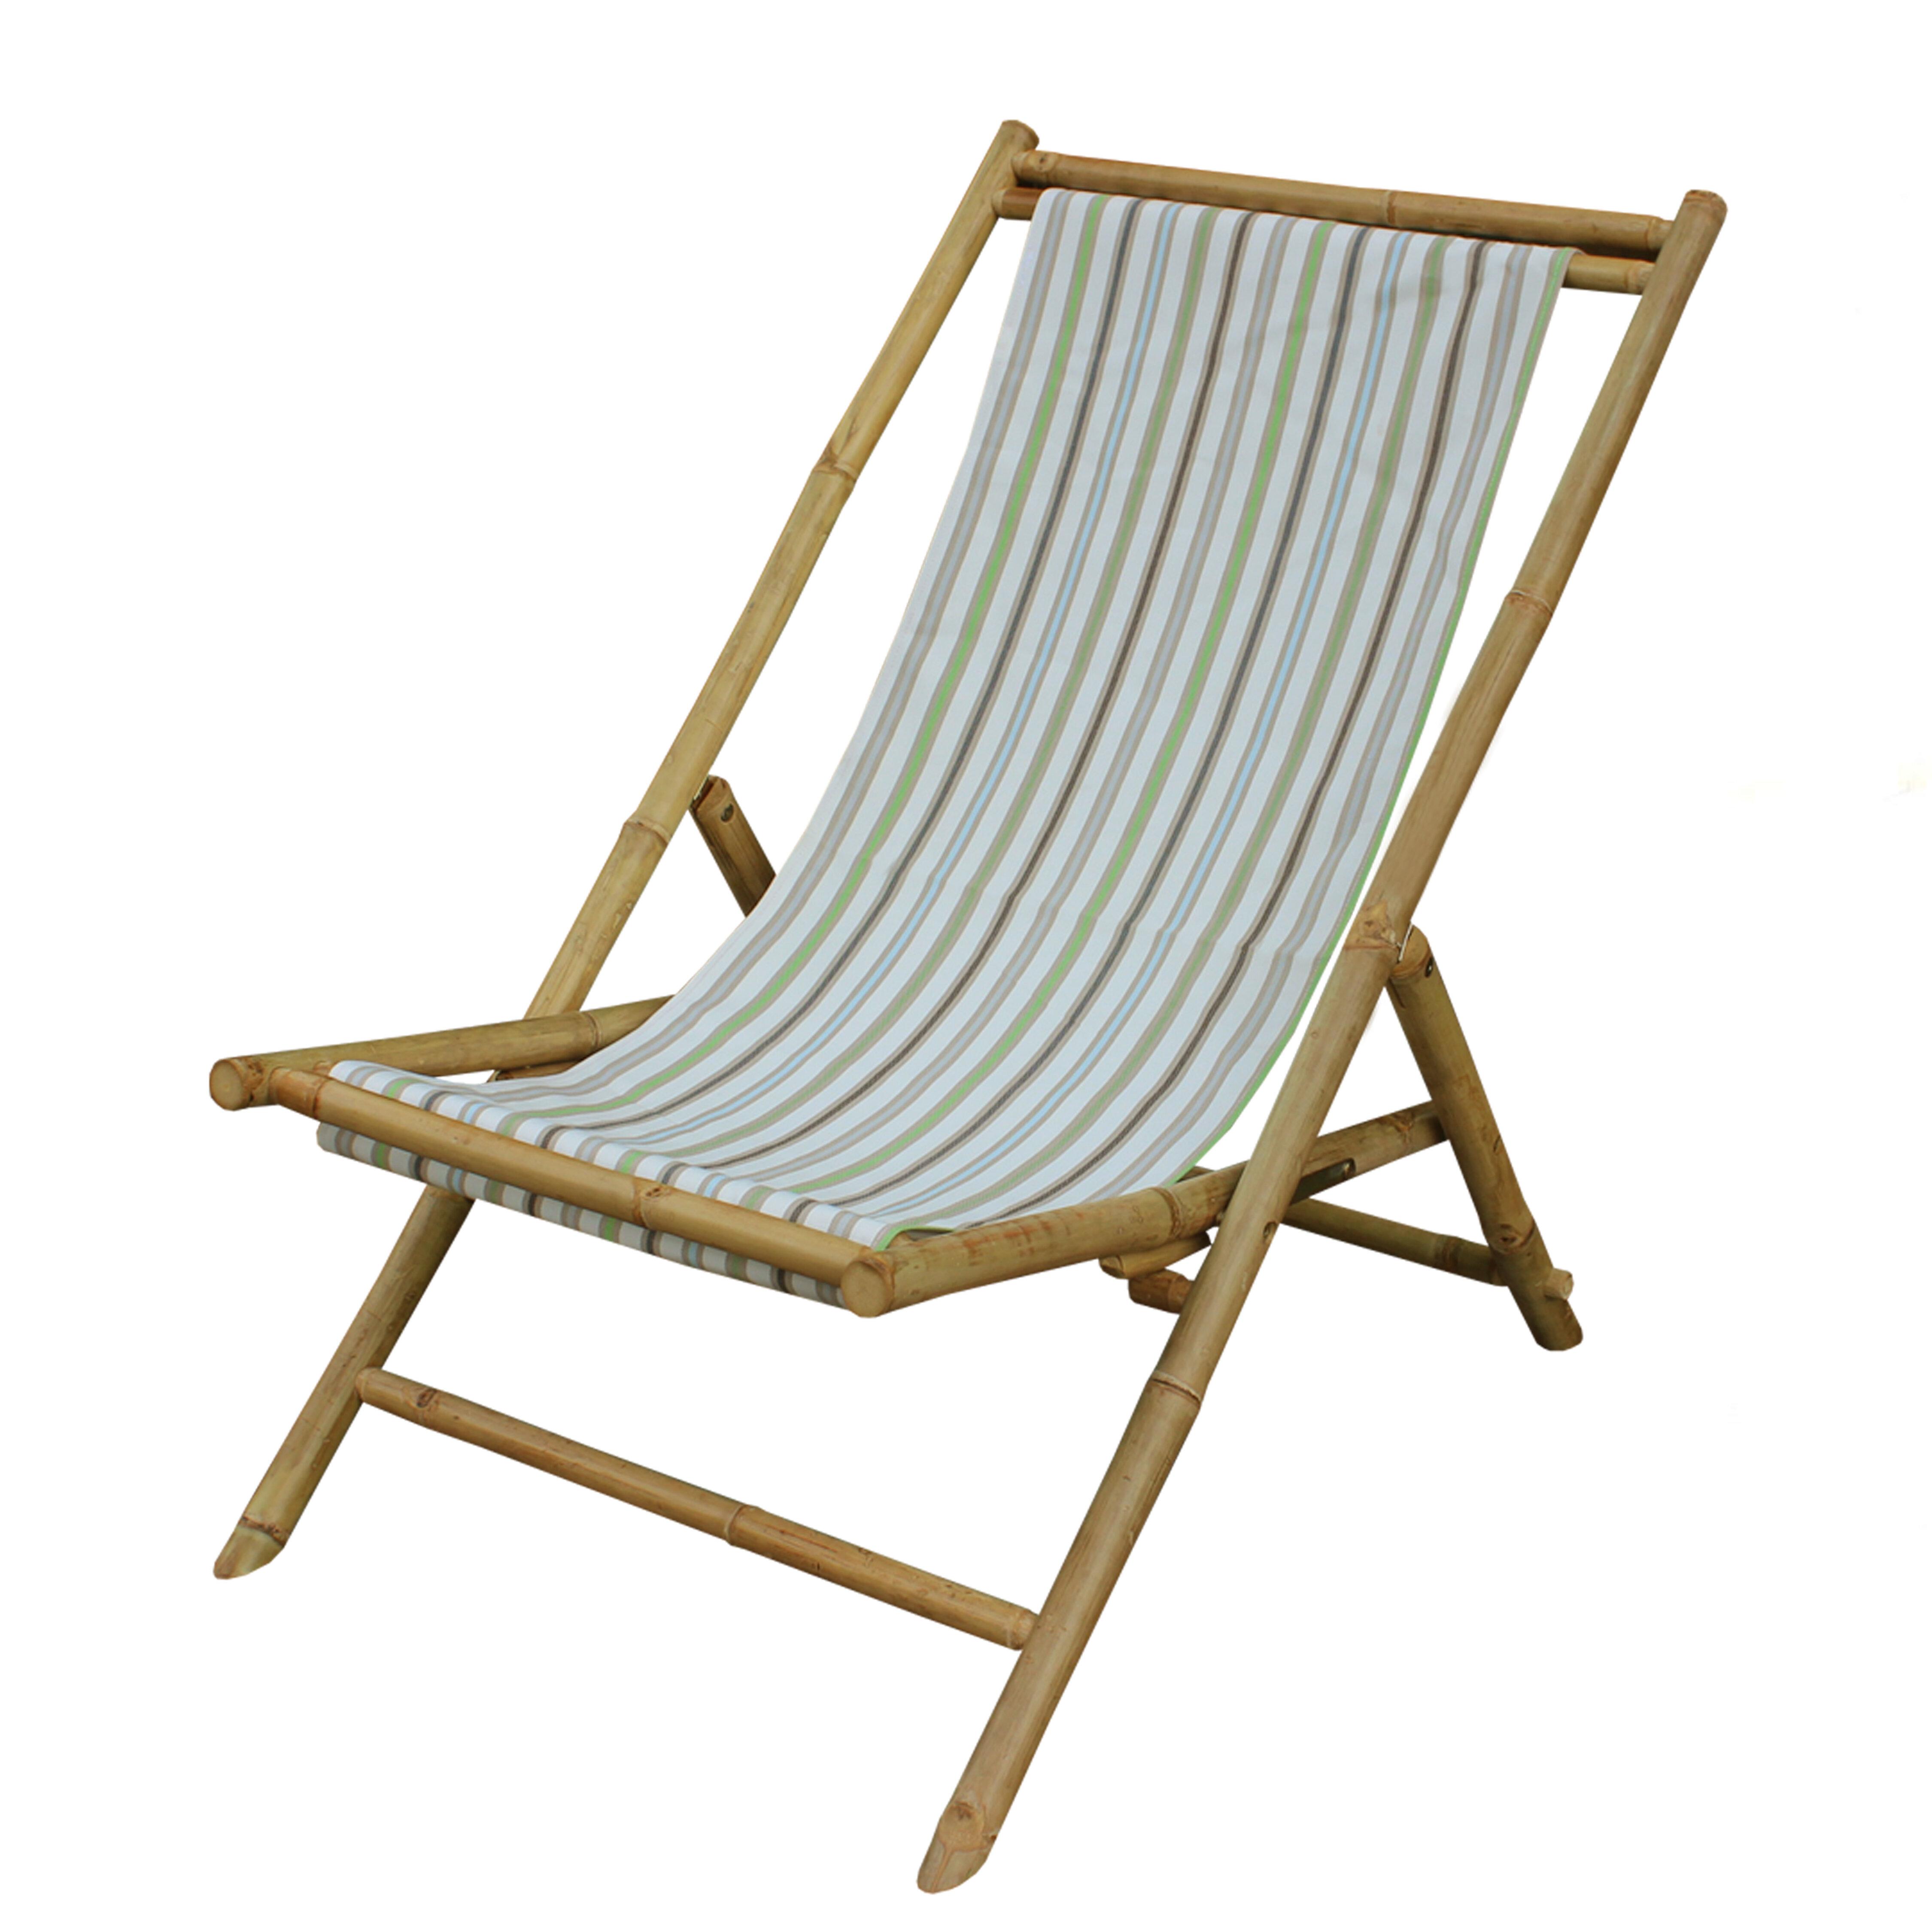 Wondrous Sling Folding Beach Chair Beatyapartments Chair Design Images Beatyapartmentscom